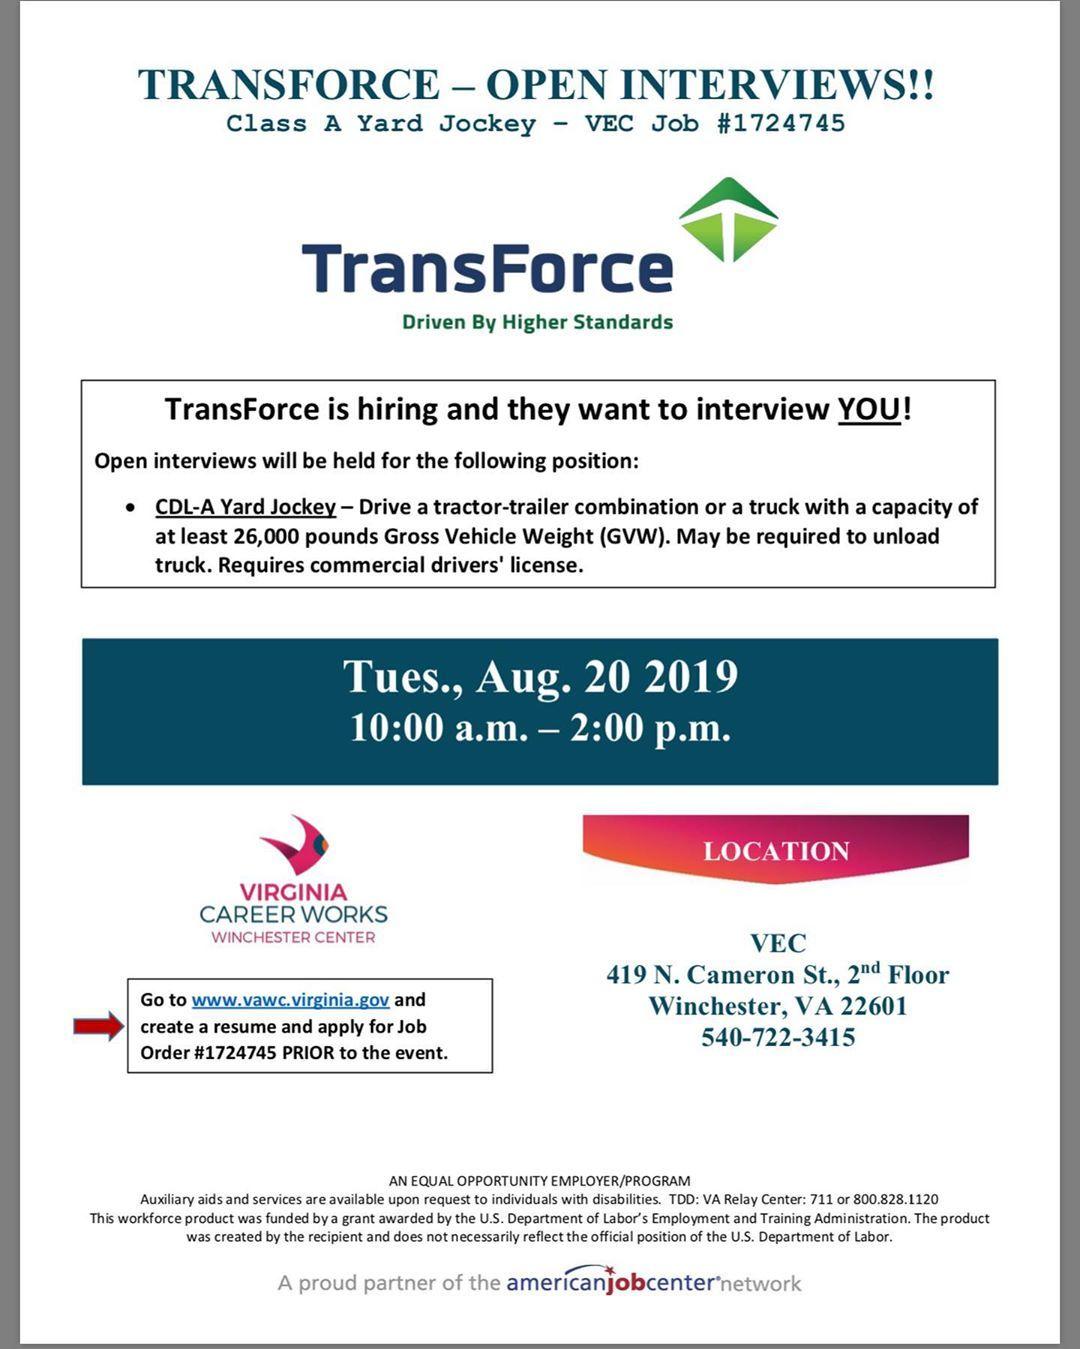 Attention TransForce Job Fair!!! WHEN Tues. Aug. 20 2019